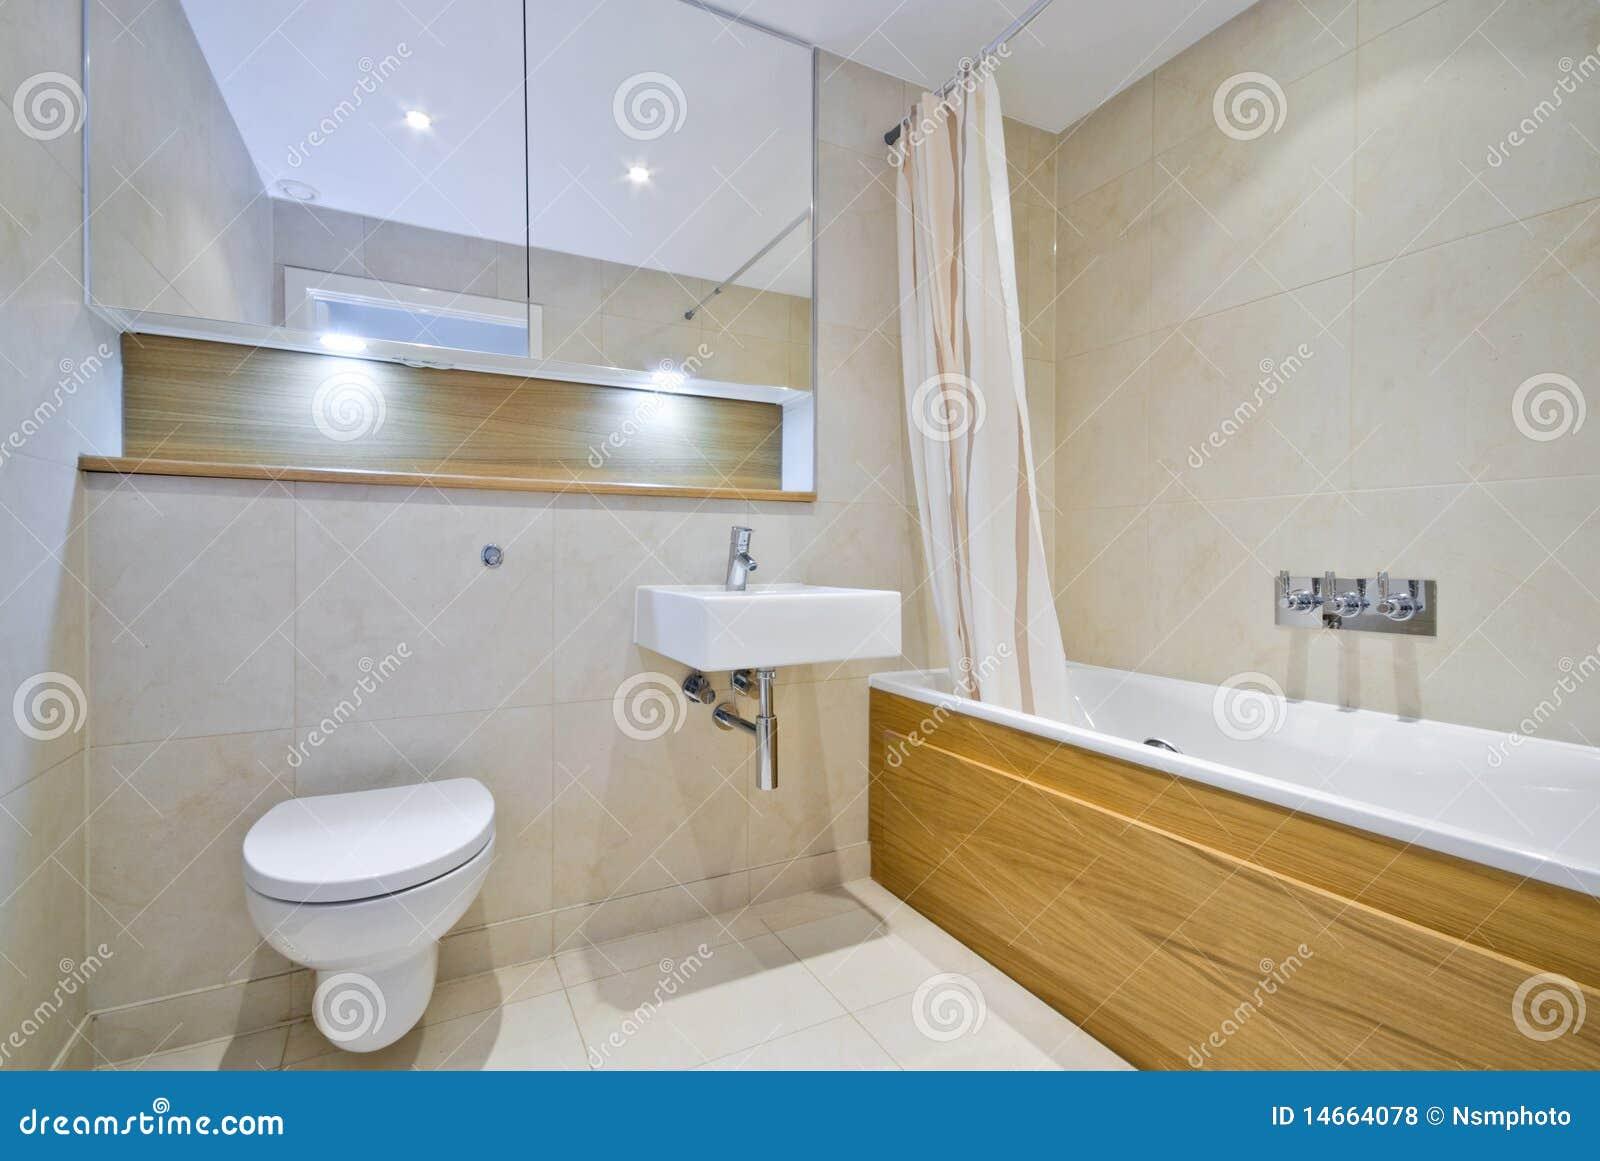 Banheiro Moderno Com A Grande Cuba De Banho No Bege Fotos de Stock Royalty Fr -> Cuba Banheiro Bege